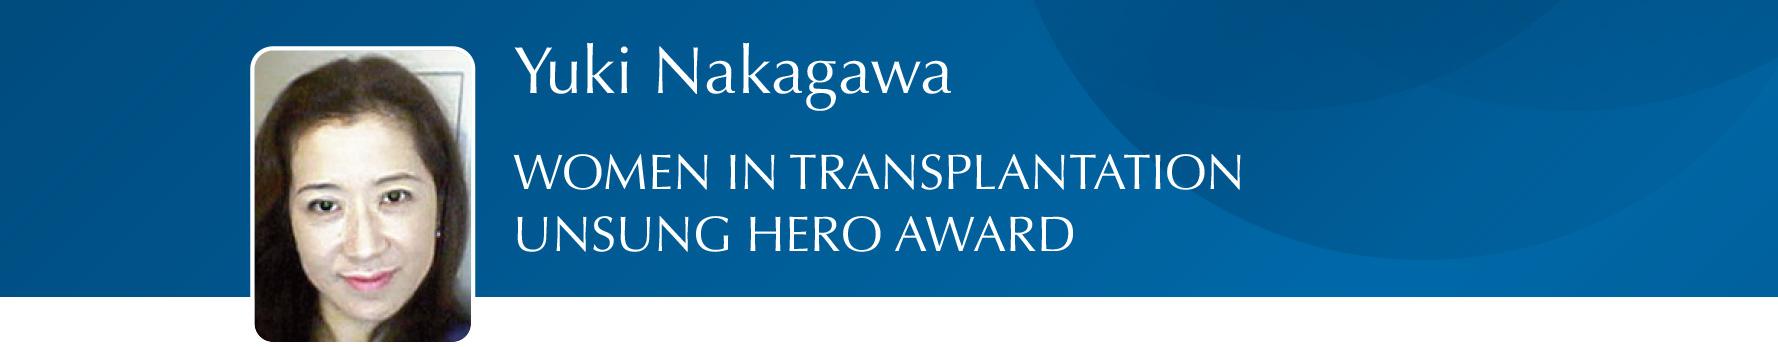 wit2018 Yuki Nakagawa